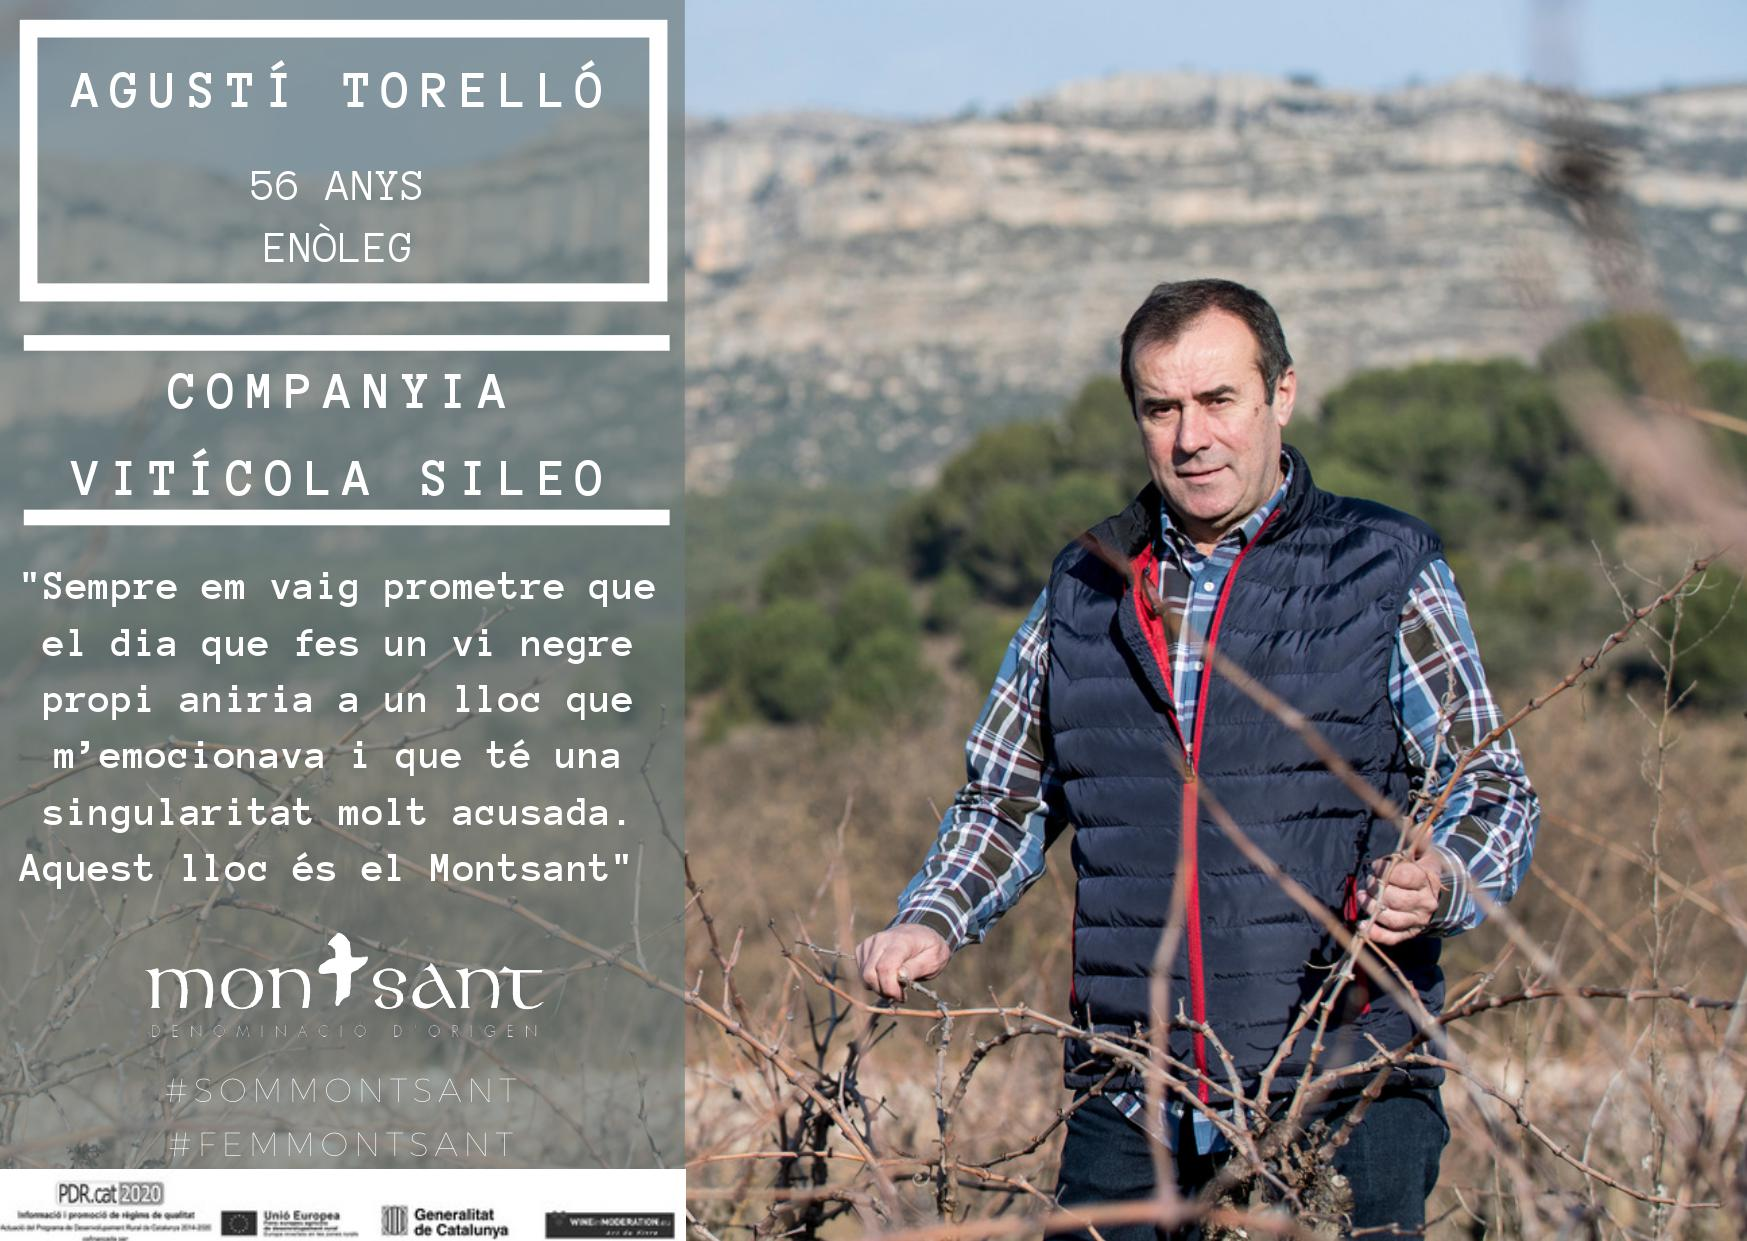 domontsant_viticola_sileo